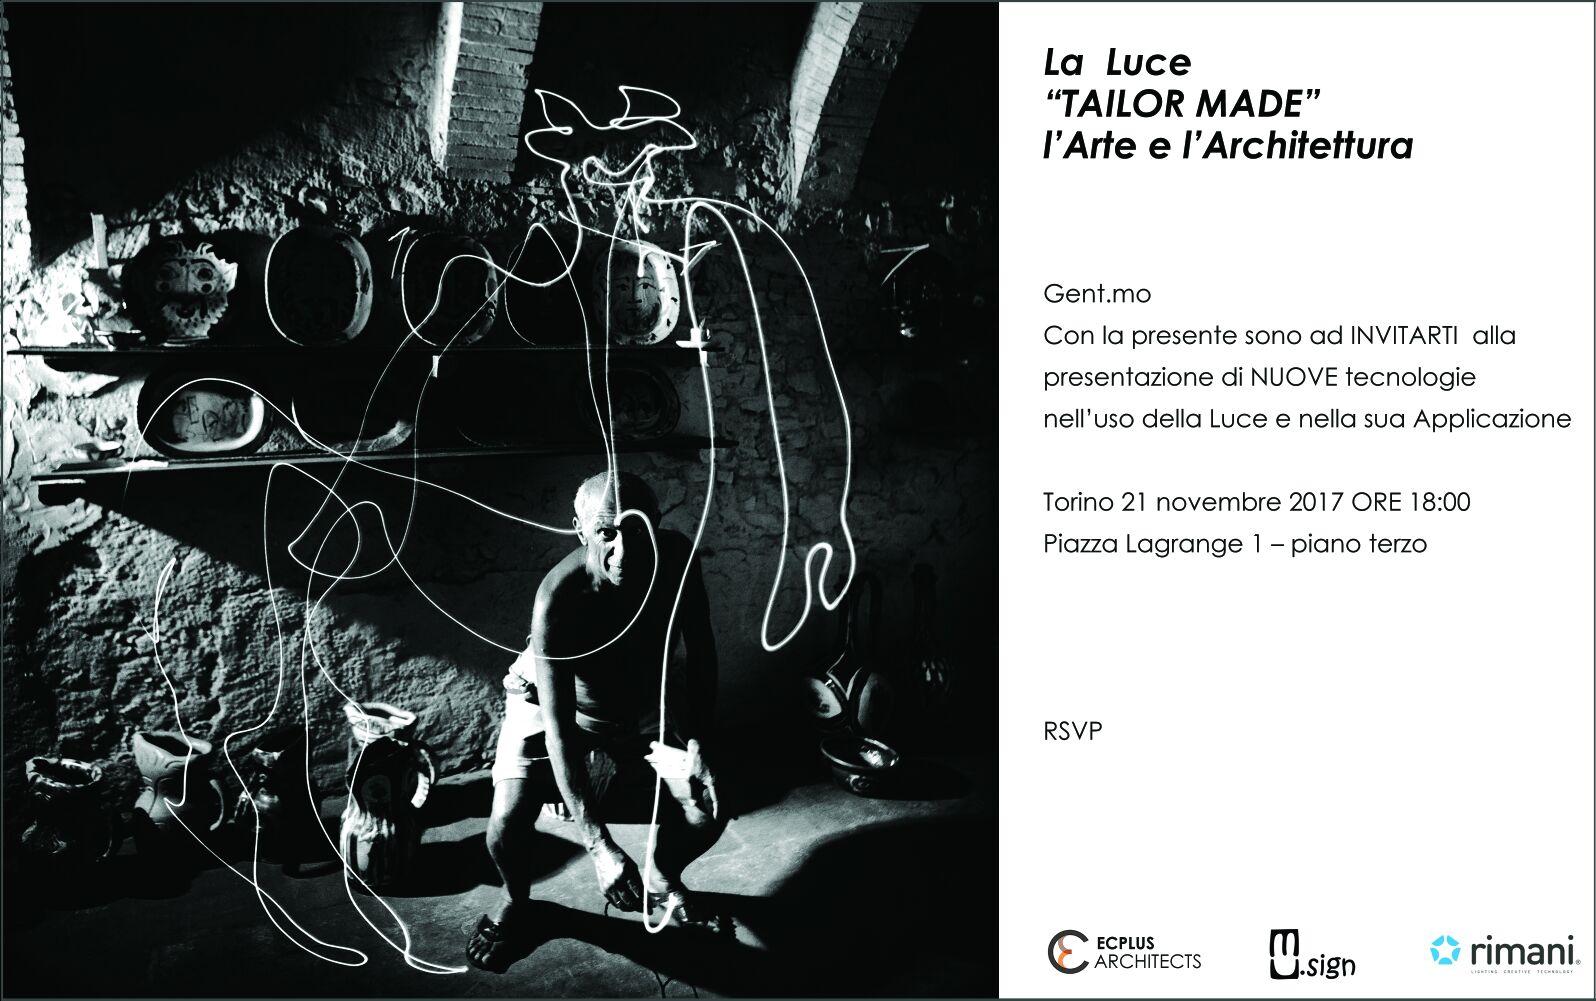 """La Luce """"Tailor Made"""", l'Arte e l'Architettura"""